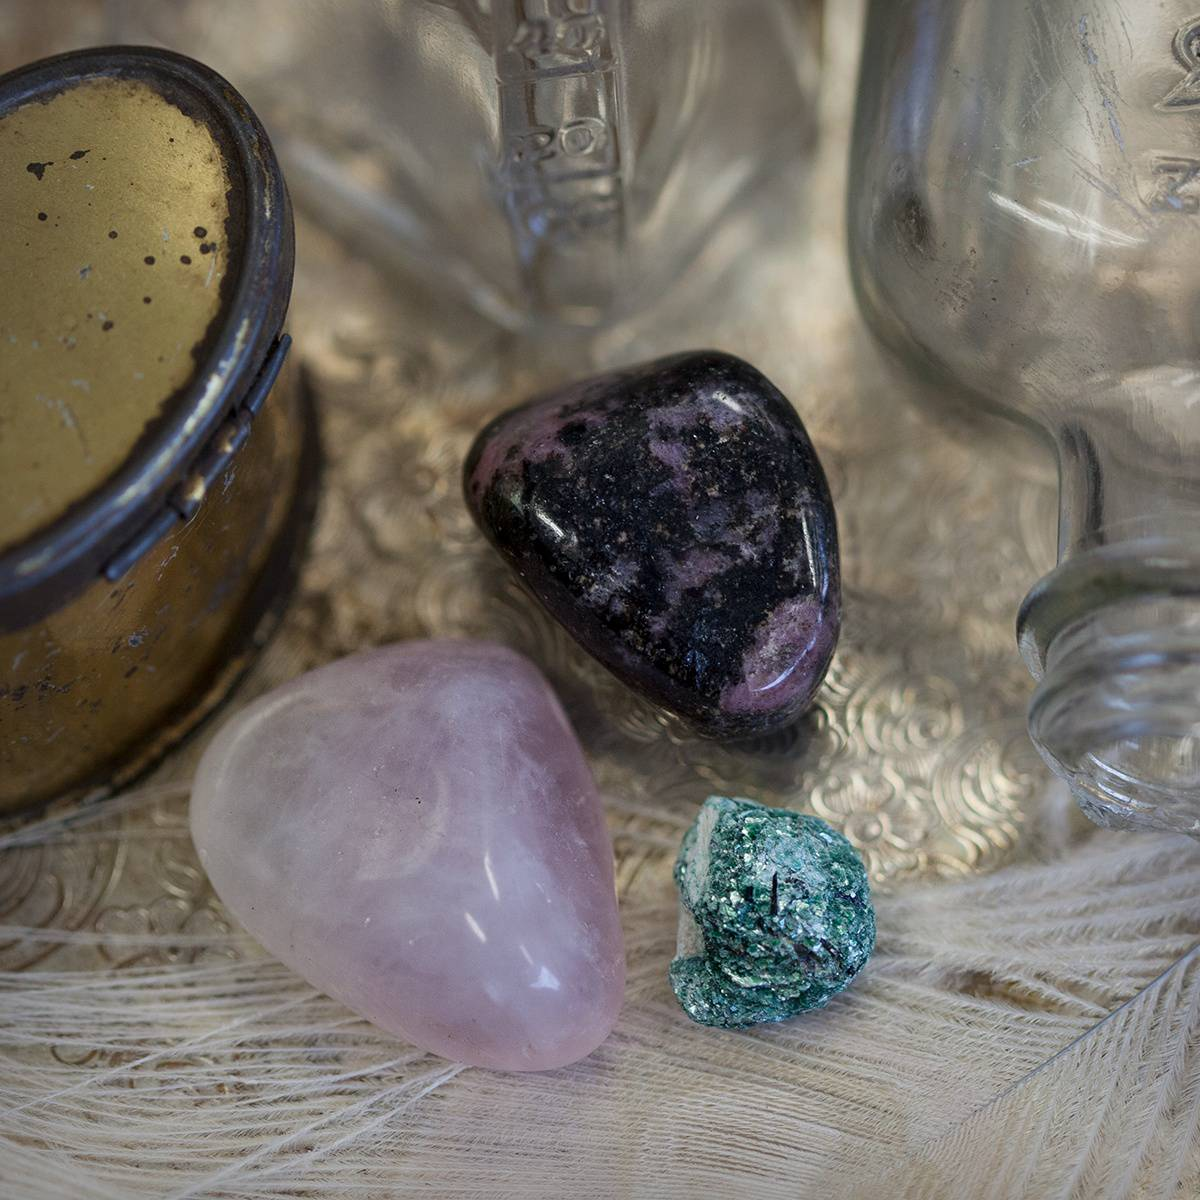 Gem RX- Sage Goddess Gem Stone Prescription Trio for Heart Healing 5_28